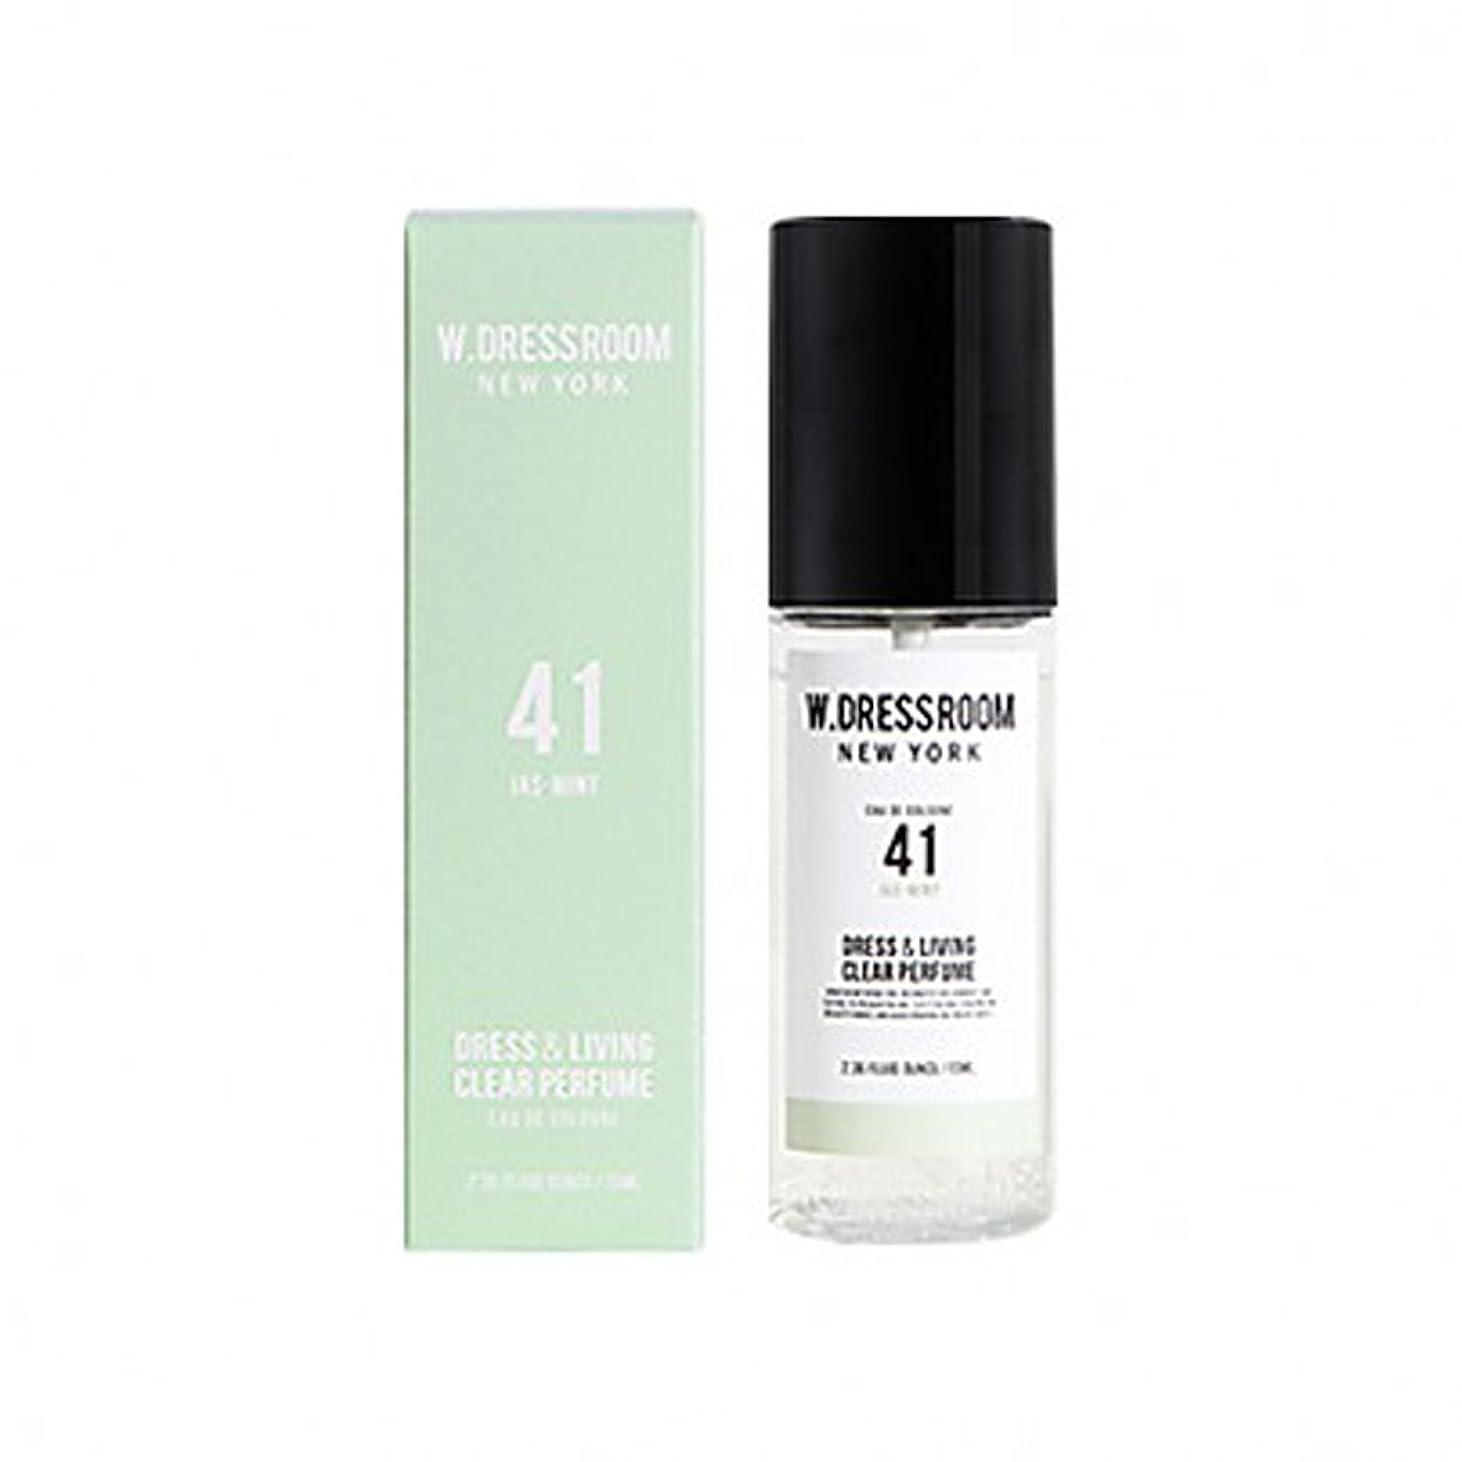 カスタム抹消マウントW.DRESSROOM Dress & Living Clear Perfume fragrance 70ml (#No.41 Jas-Mint)/ダブルドレスルーム ドレス&リビング クリア パフューム 70ml (#No.41 Jas-Mint)